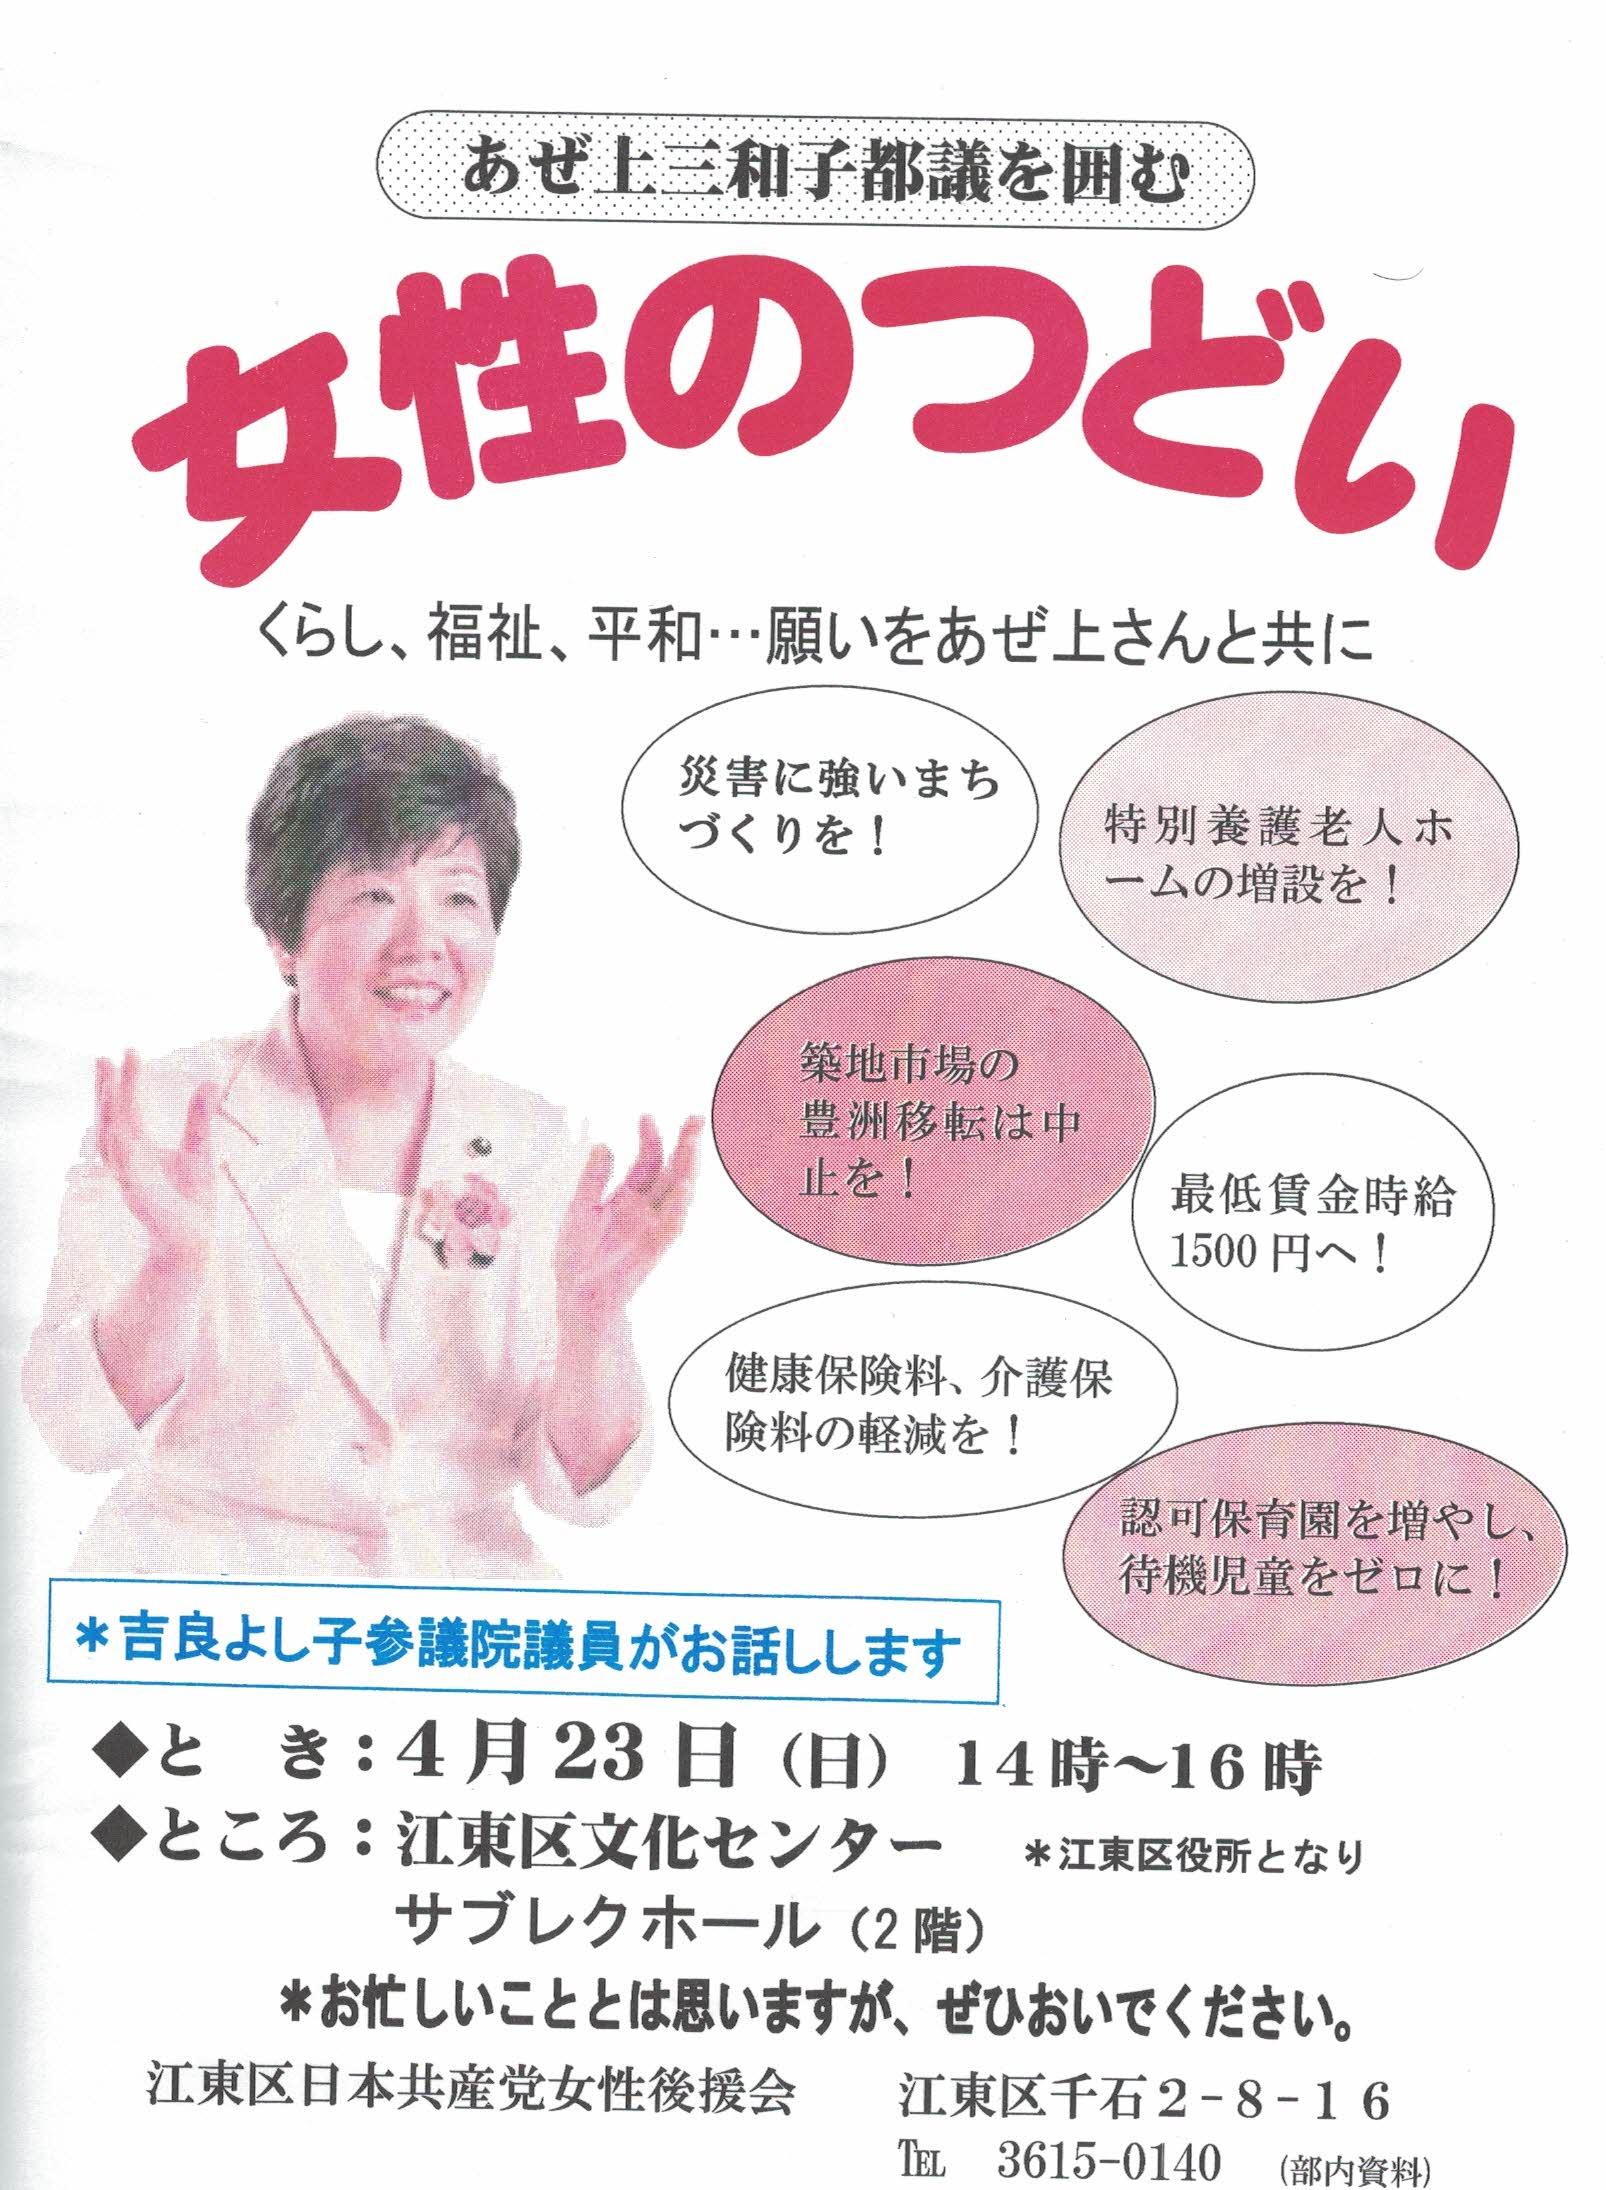 あぜ上三和子(@miwako_azegami)都議を囲む女性のつどい